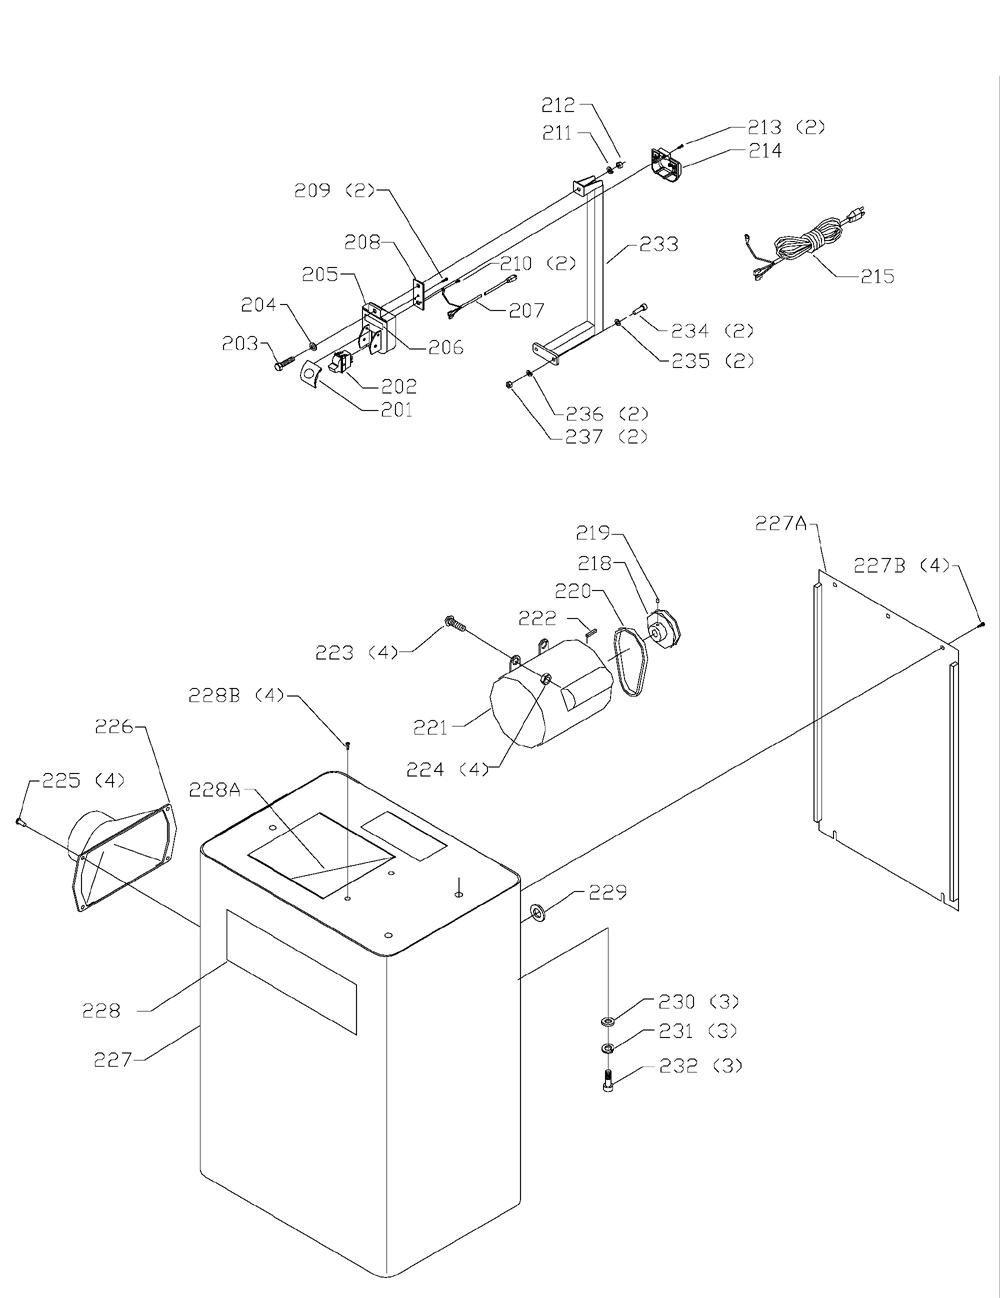 2013 toyota sienna interior parts diagram